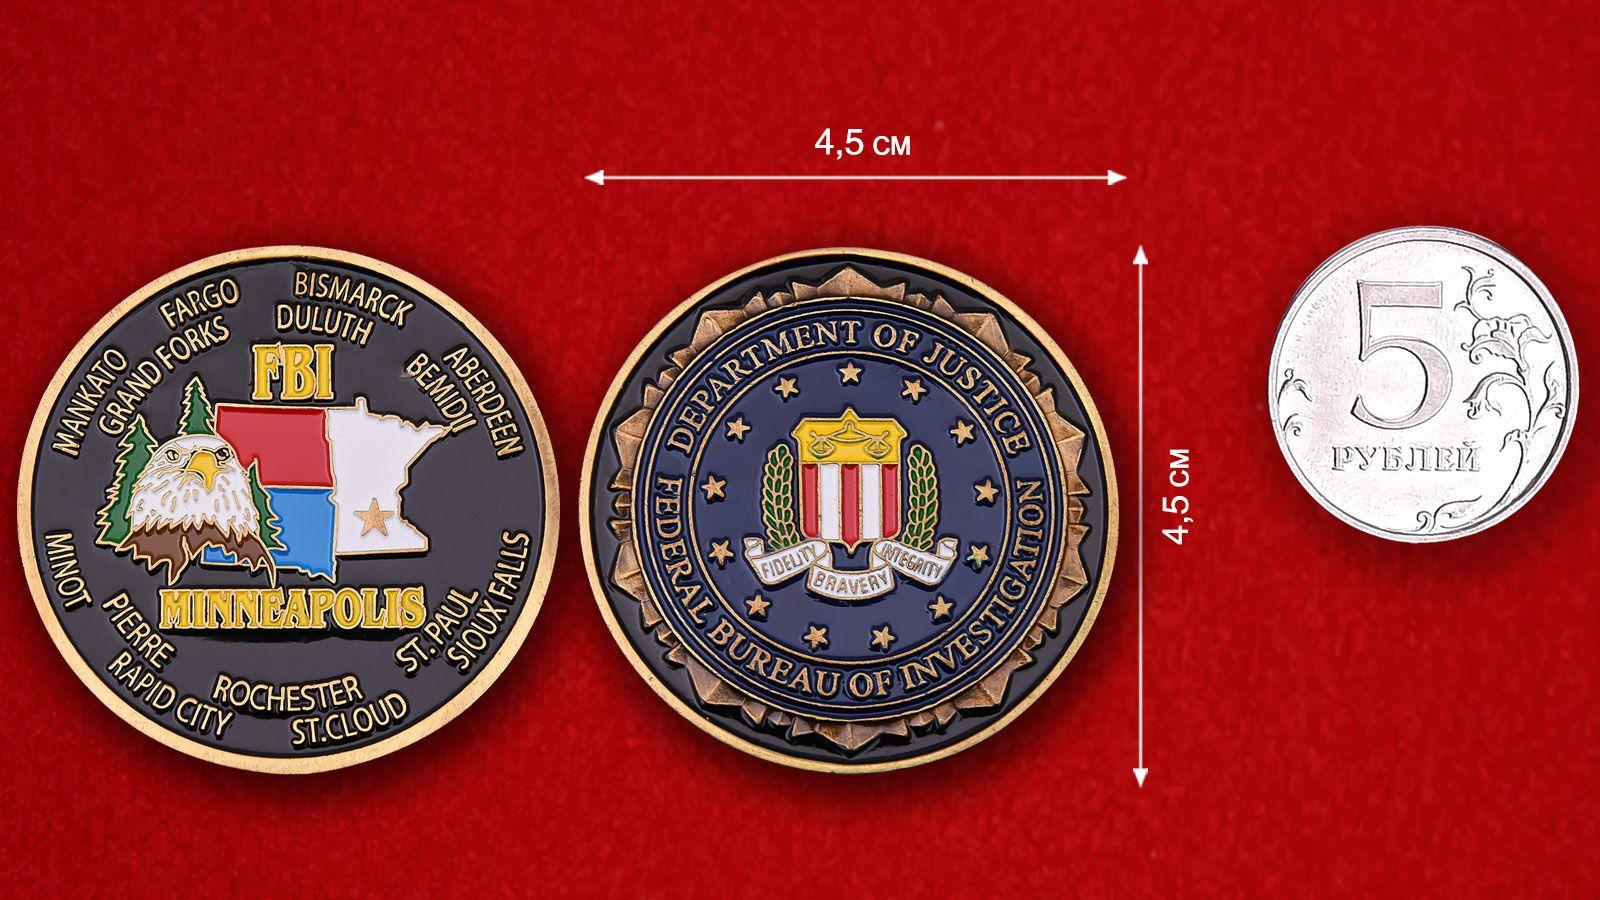 Челлендж коин Отдела юстиции ФБР Миннеаполиса - сравнительный размер